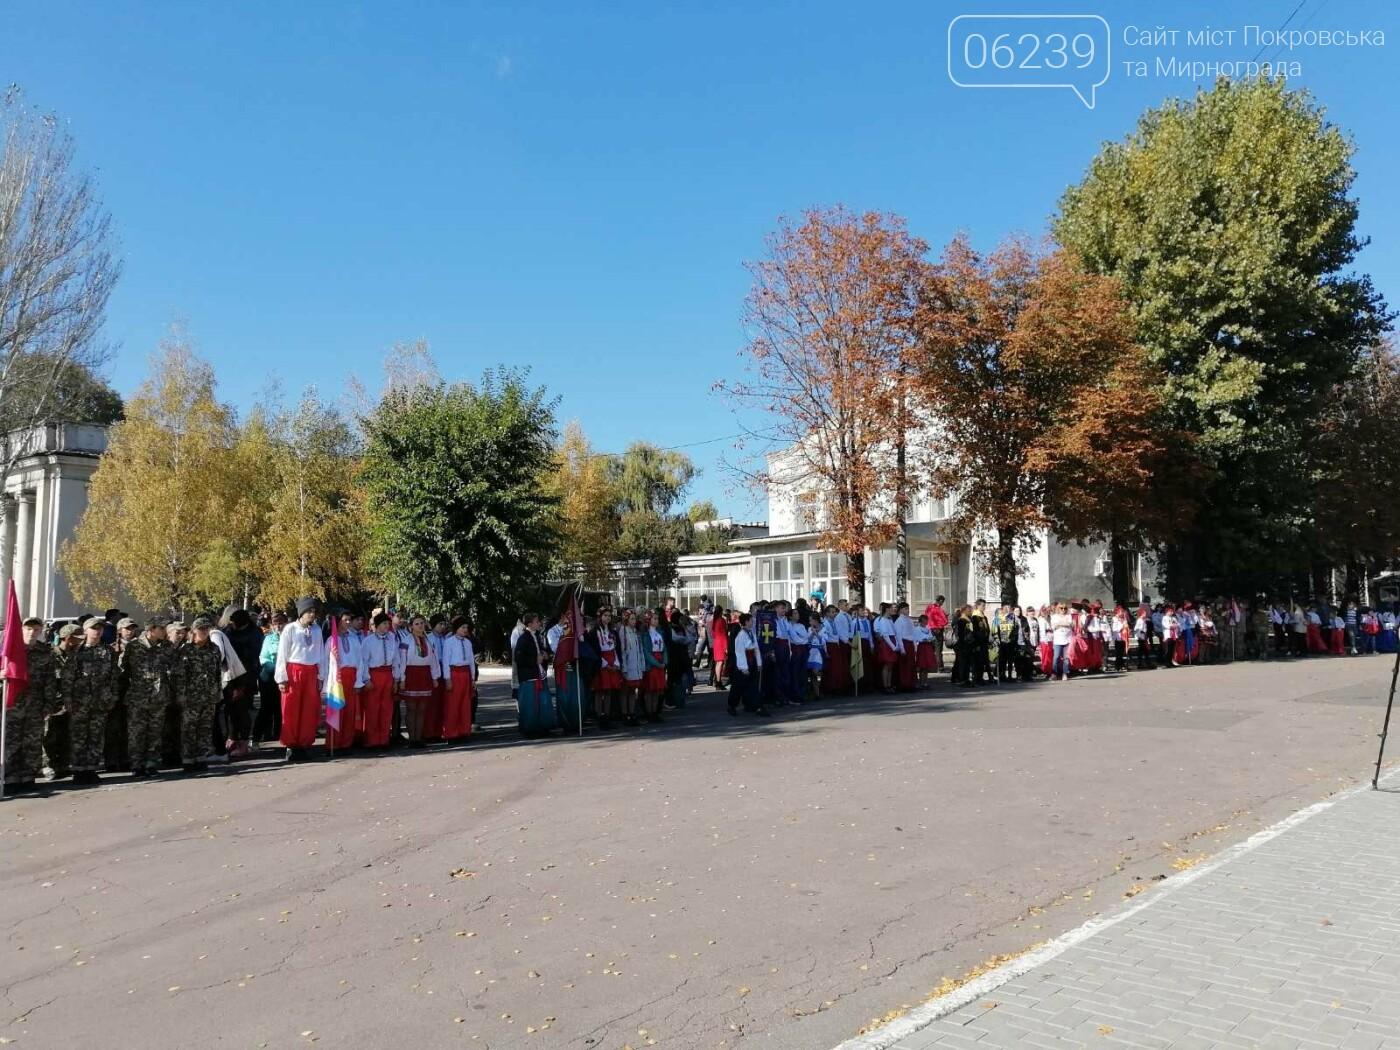 Святкова программа на честь святкування Дня захисника триває у Покровську, фото-12